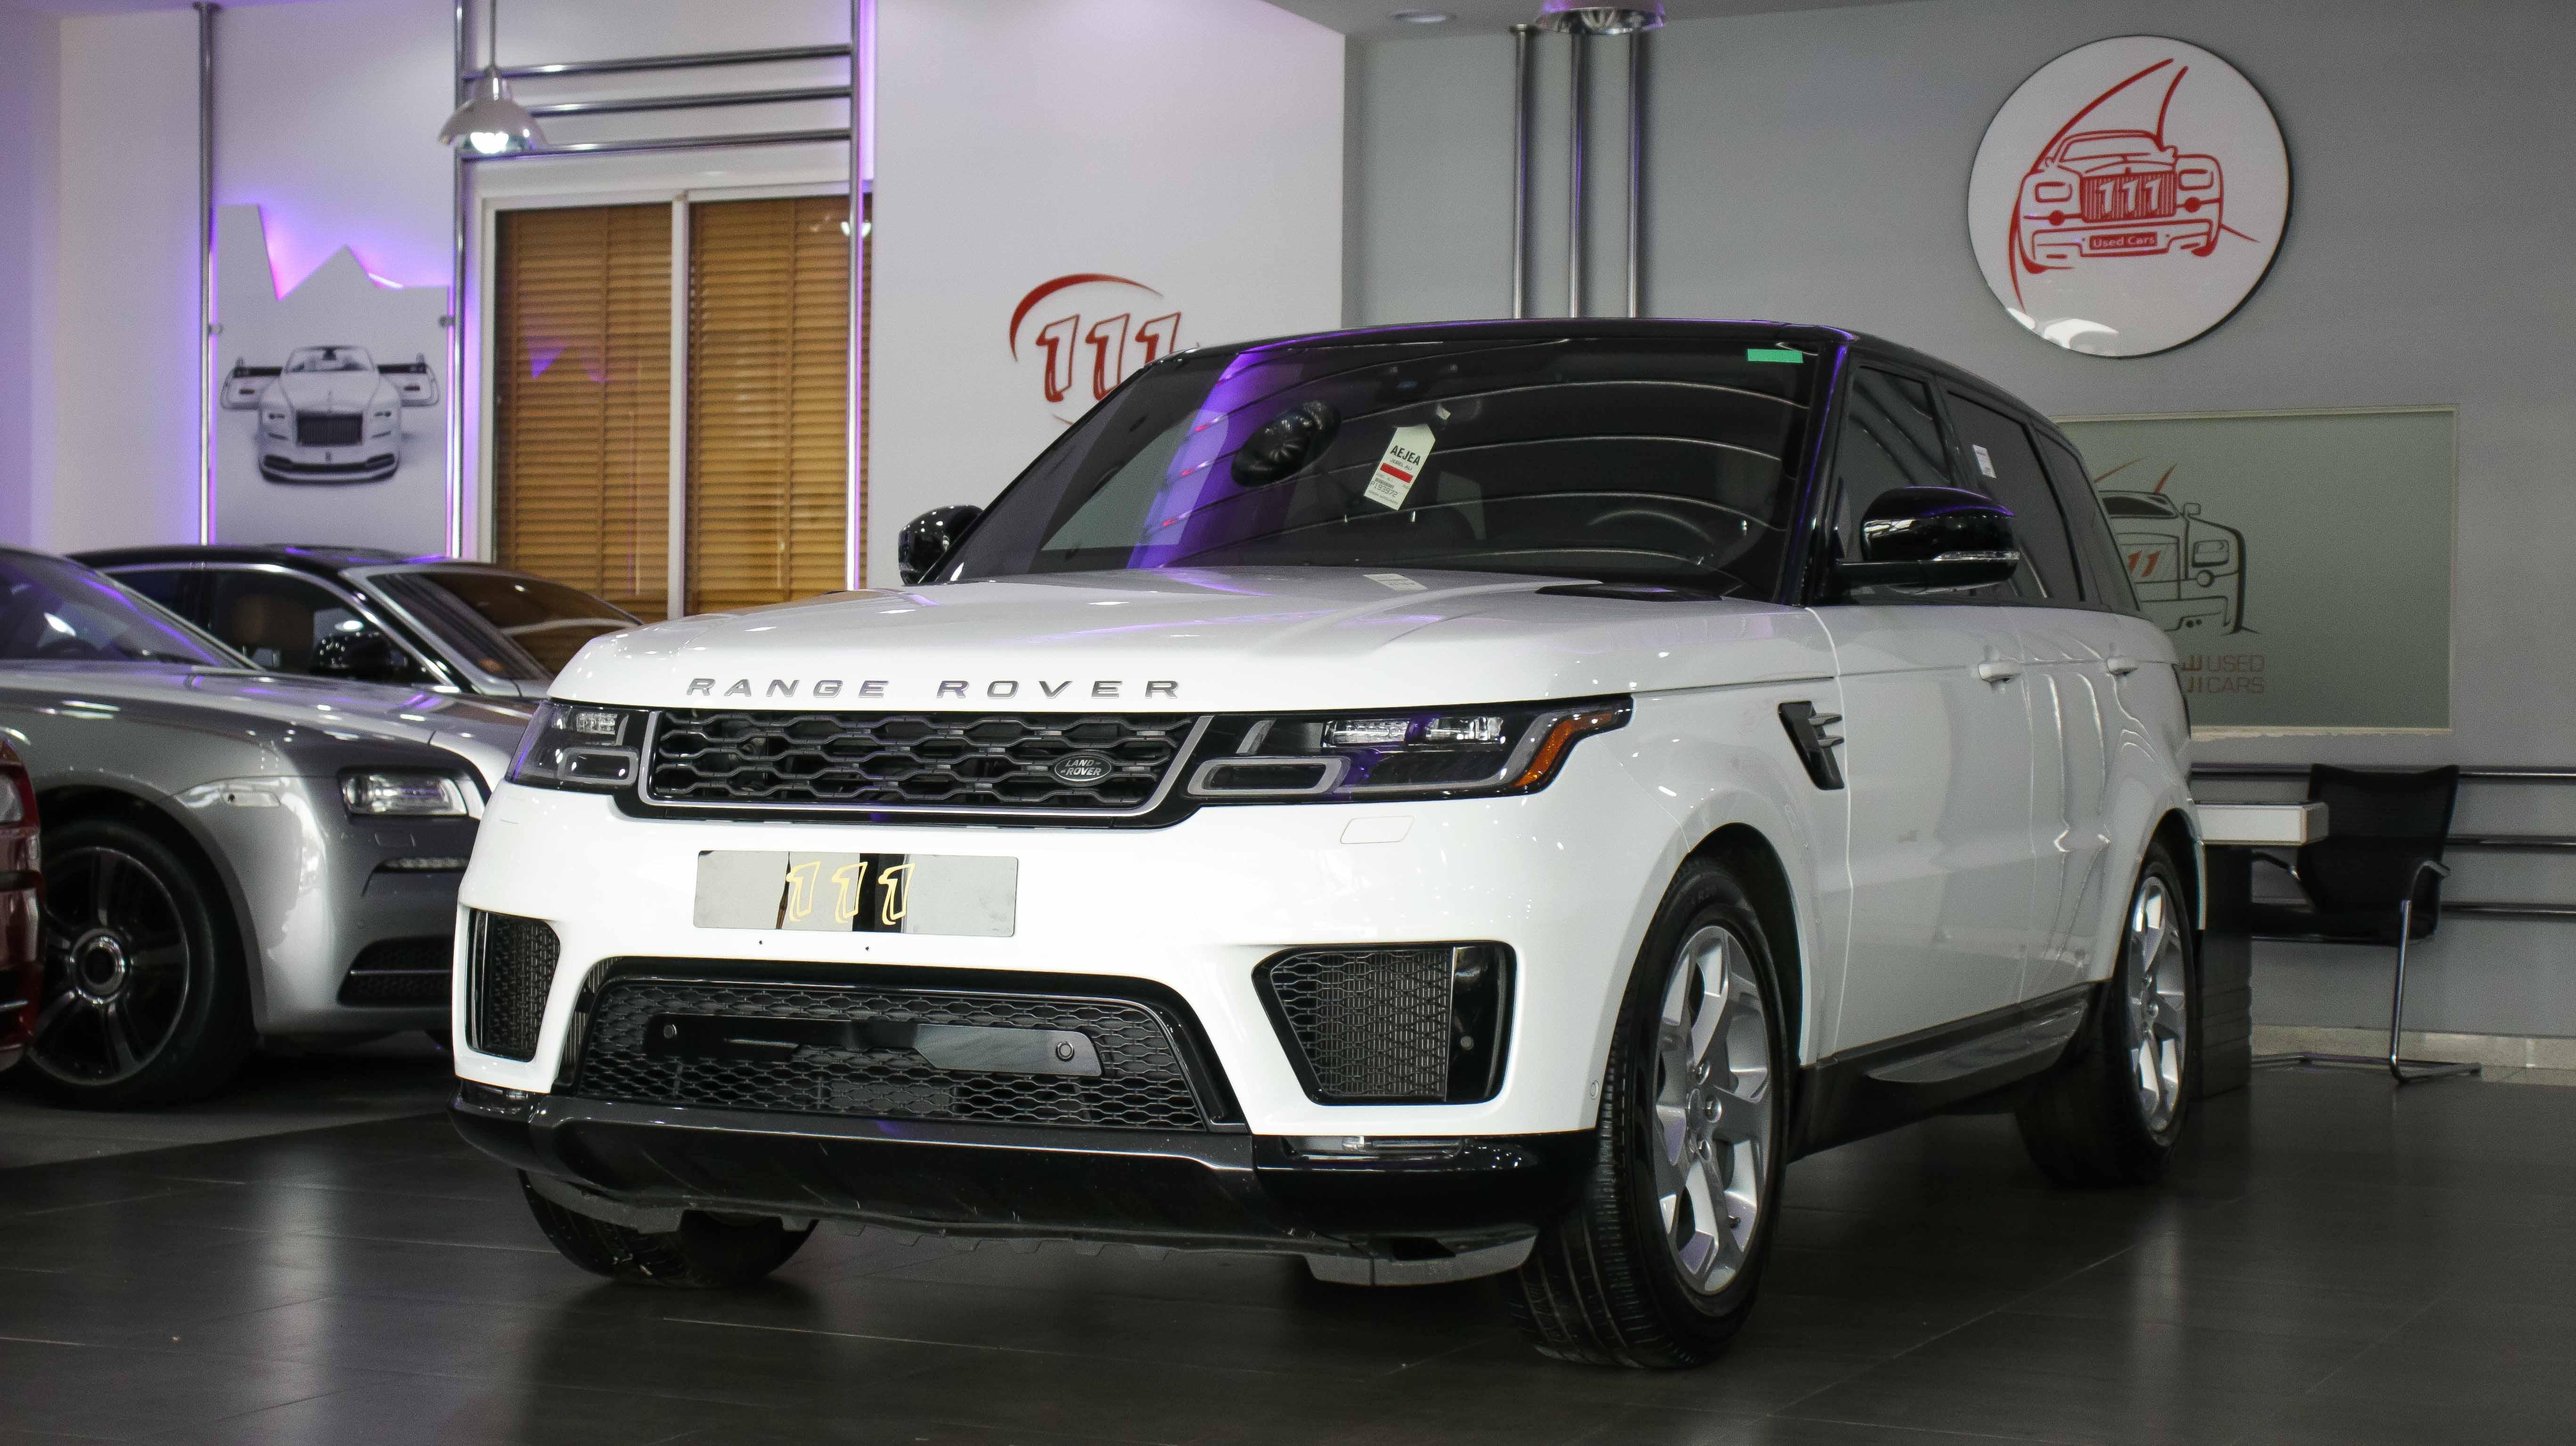 2018-Range-Rover-Sport-HSE-White-01.jpg